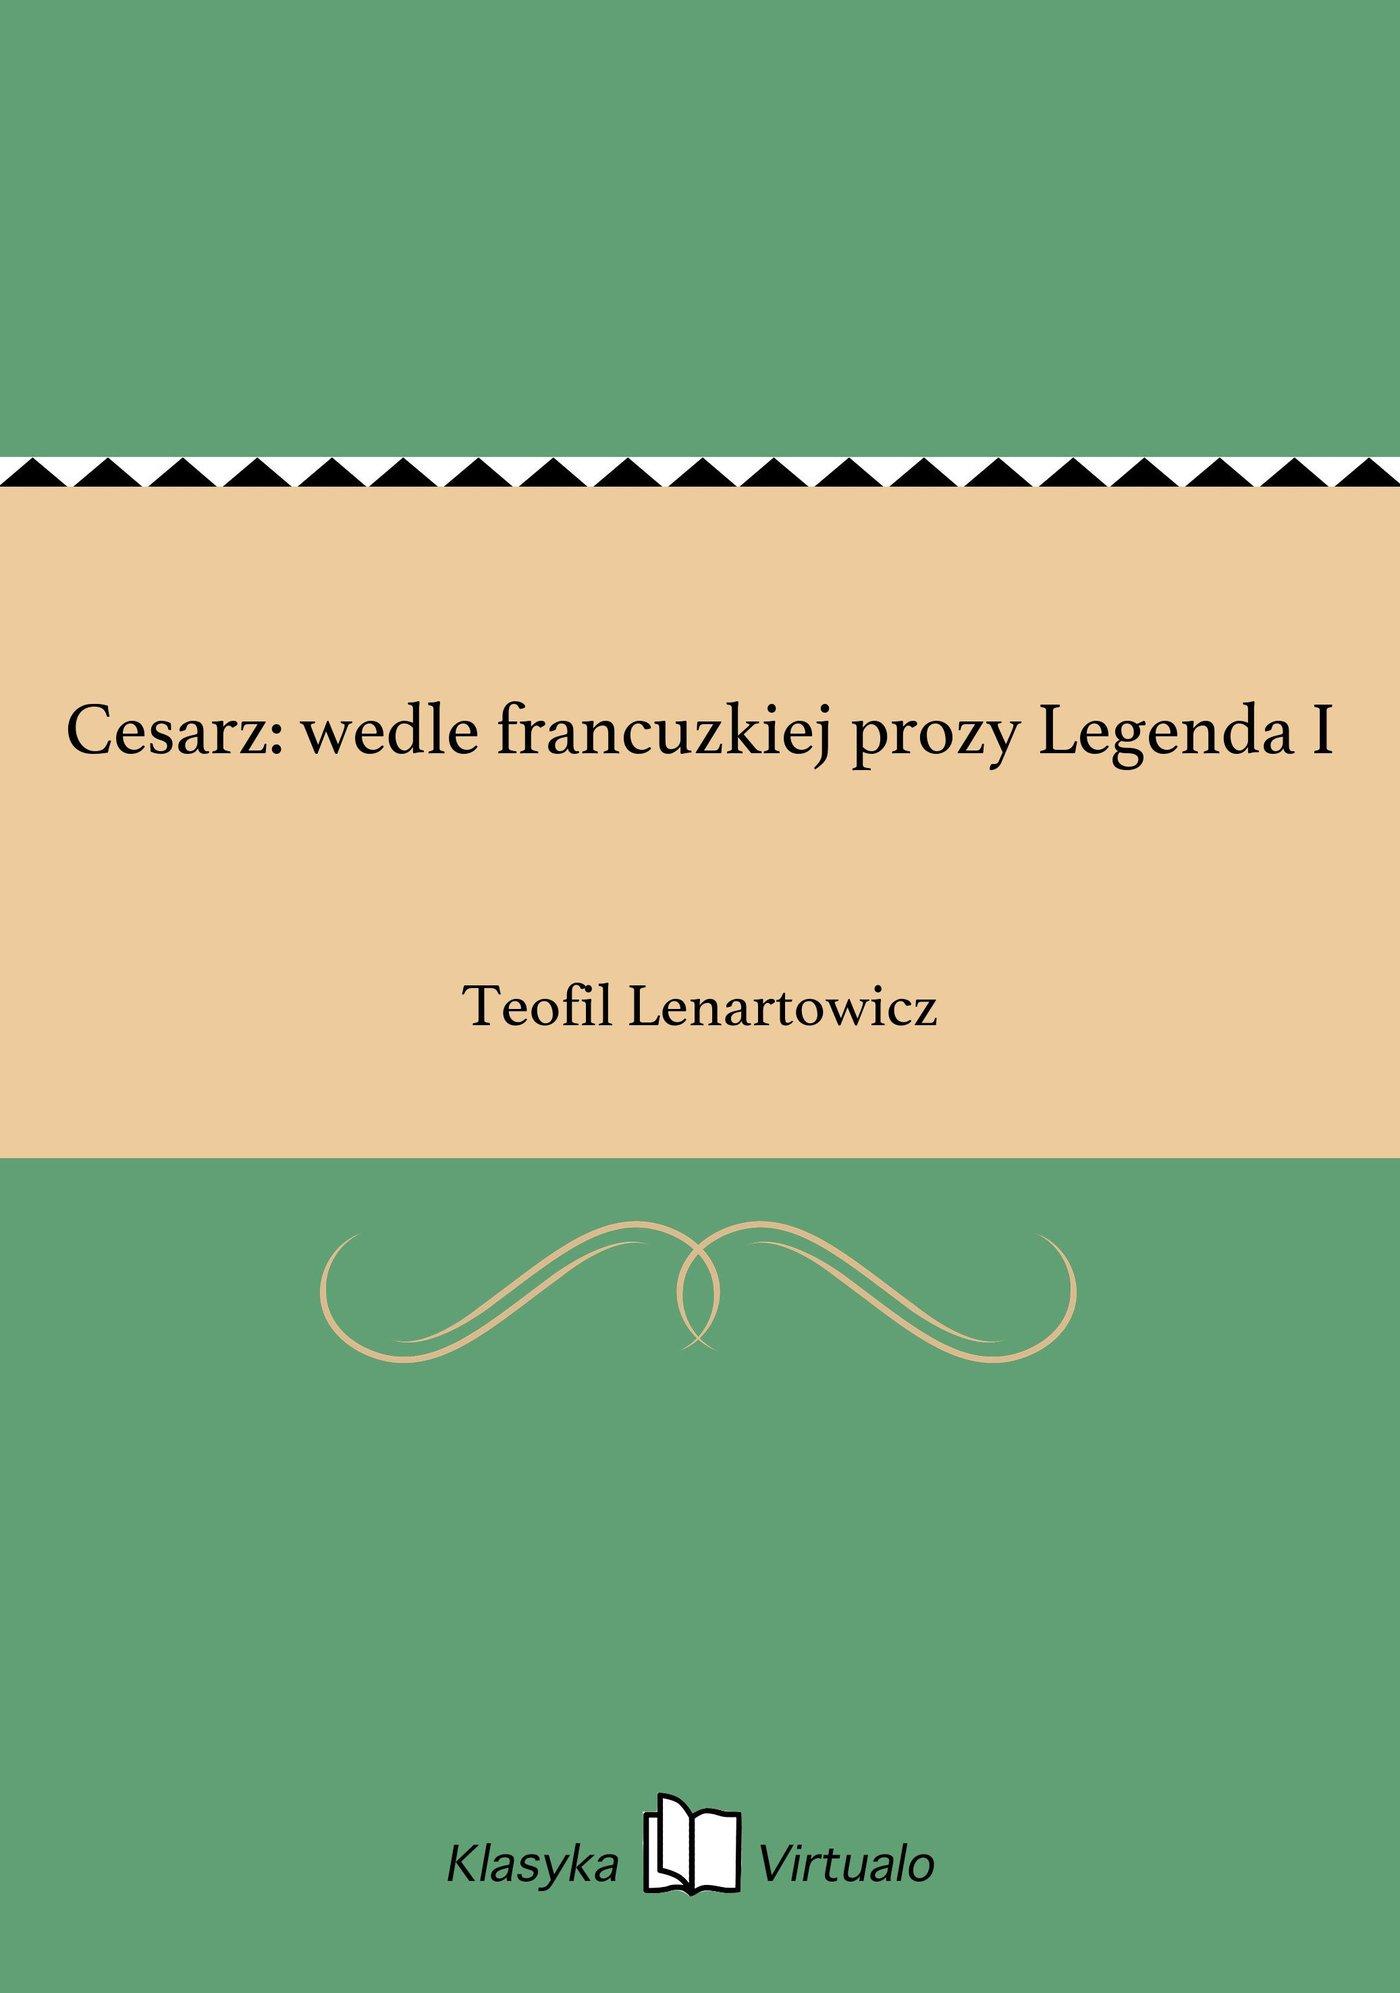 Cesarz: wedle francuzkiej prozy Legenda I - Ebook (Książka EPUB) do pobrania w formacie EPUB